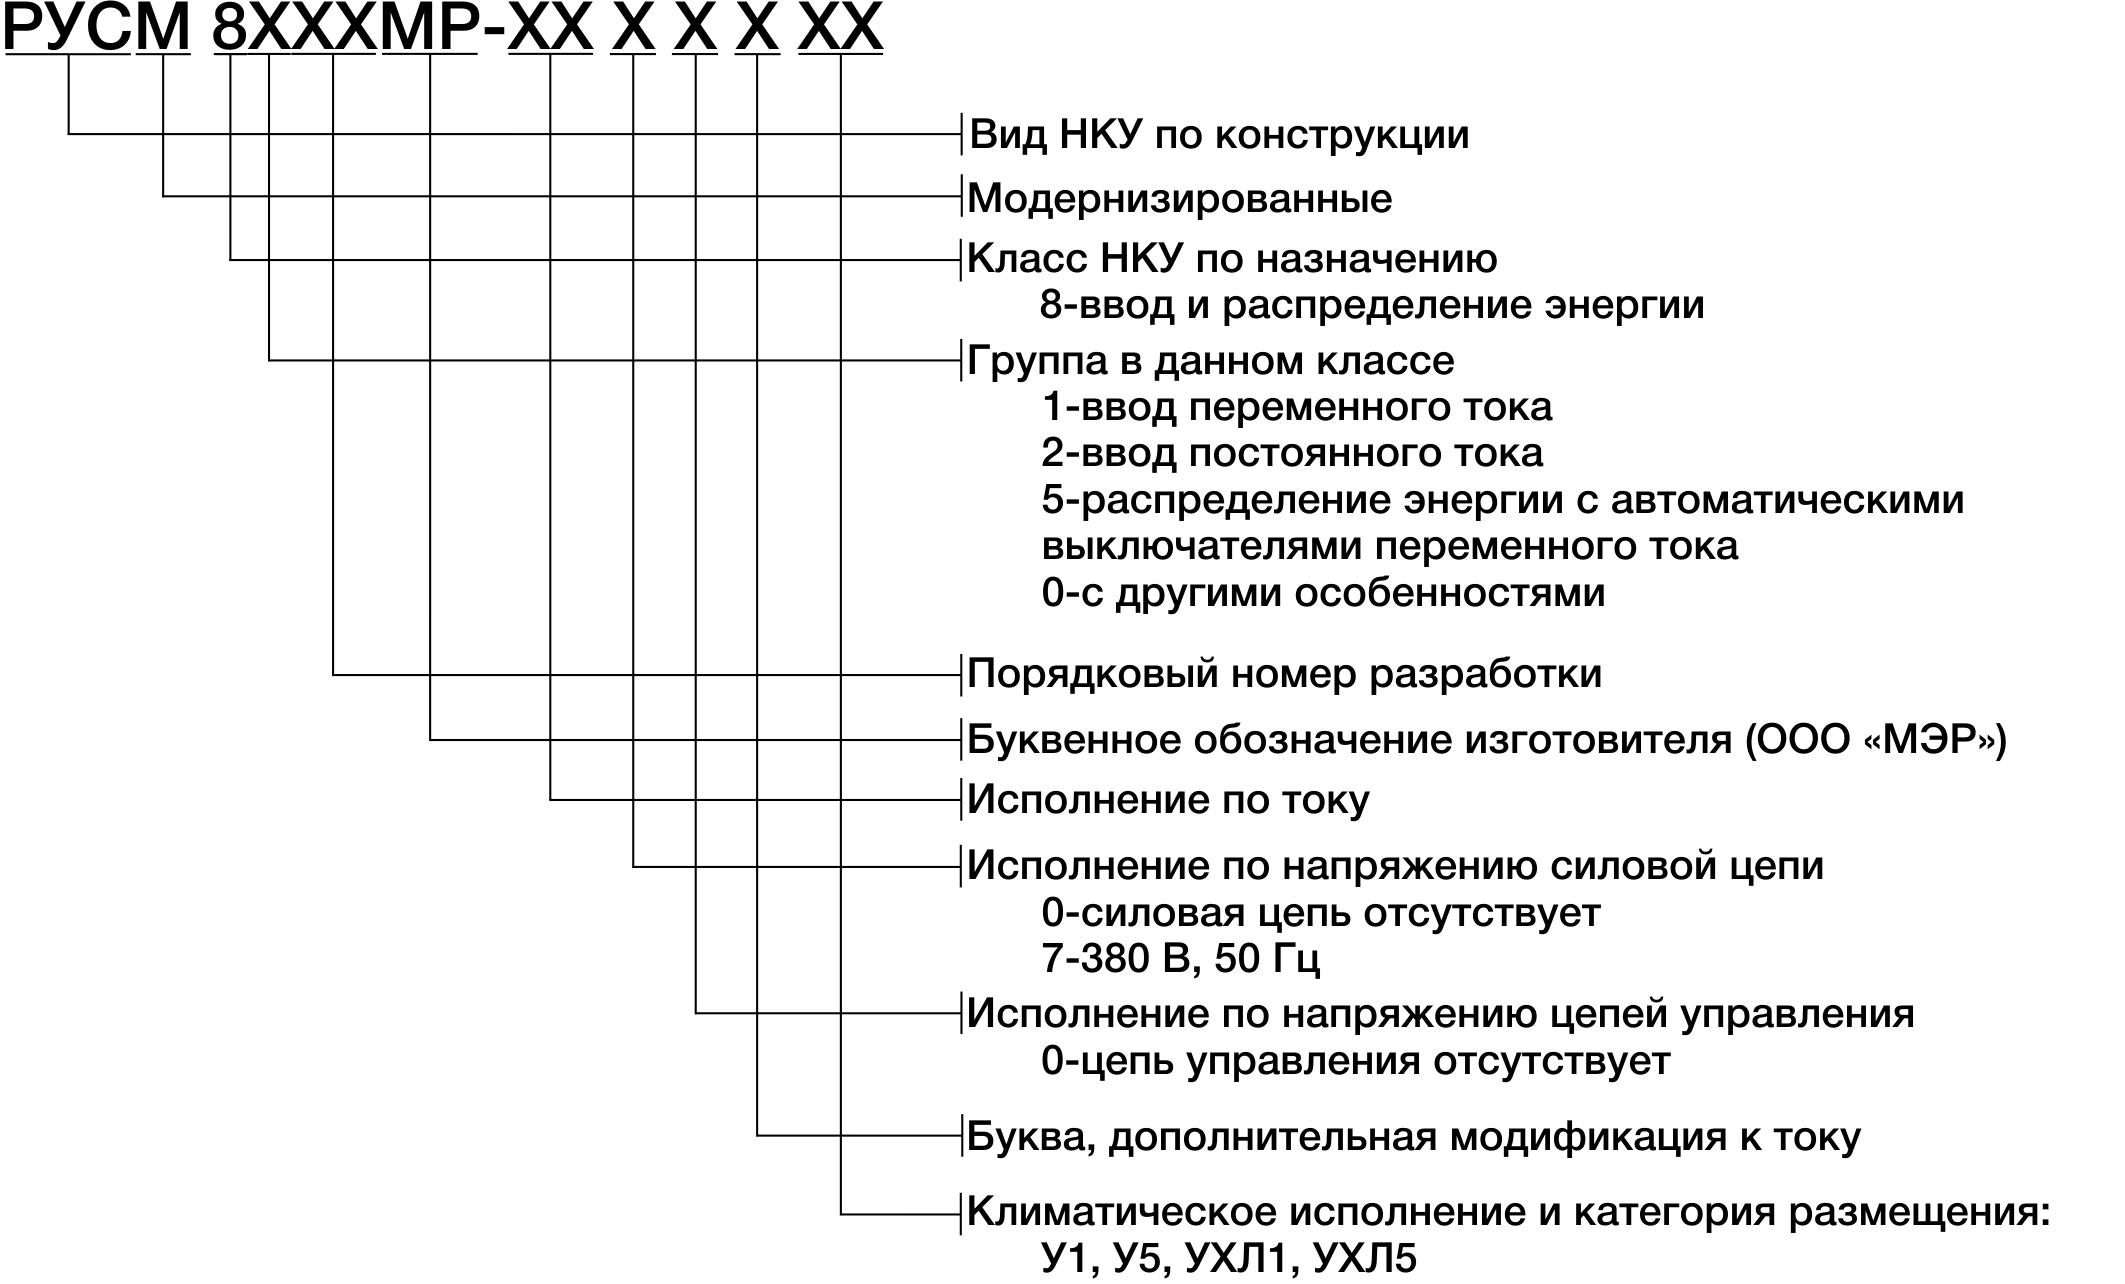 Структура условного обозначения ящиков серии РУСМ-8000МР